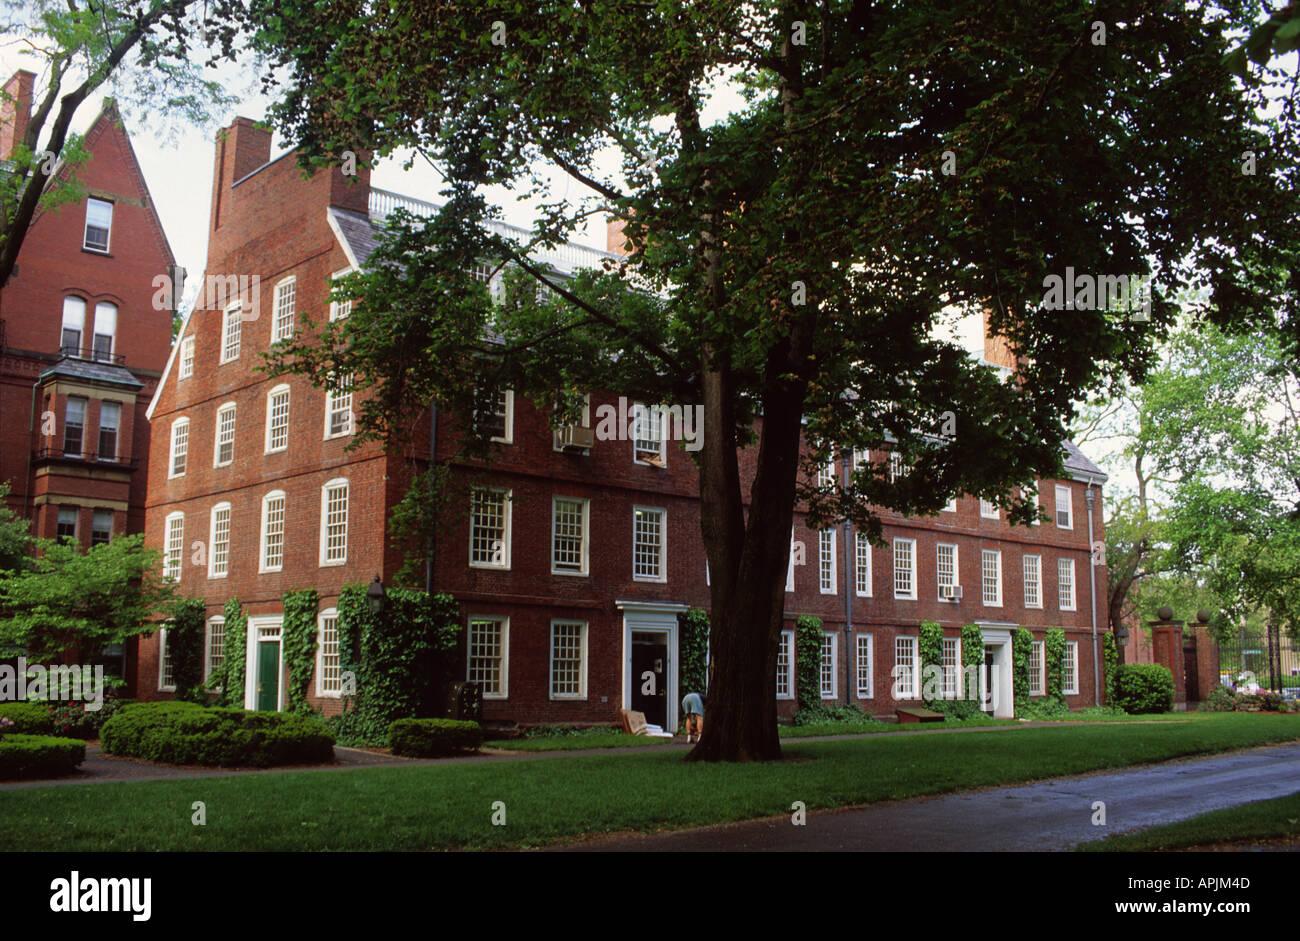 USA Cambridge Massachusetts Harvard University Campus Massachusetts Hall - Stock Image